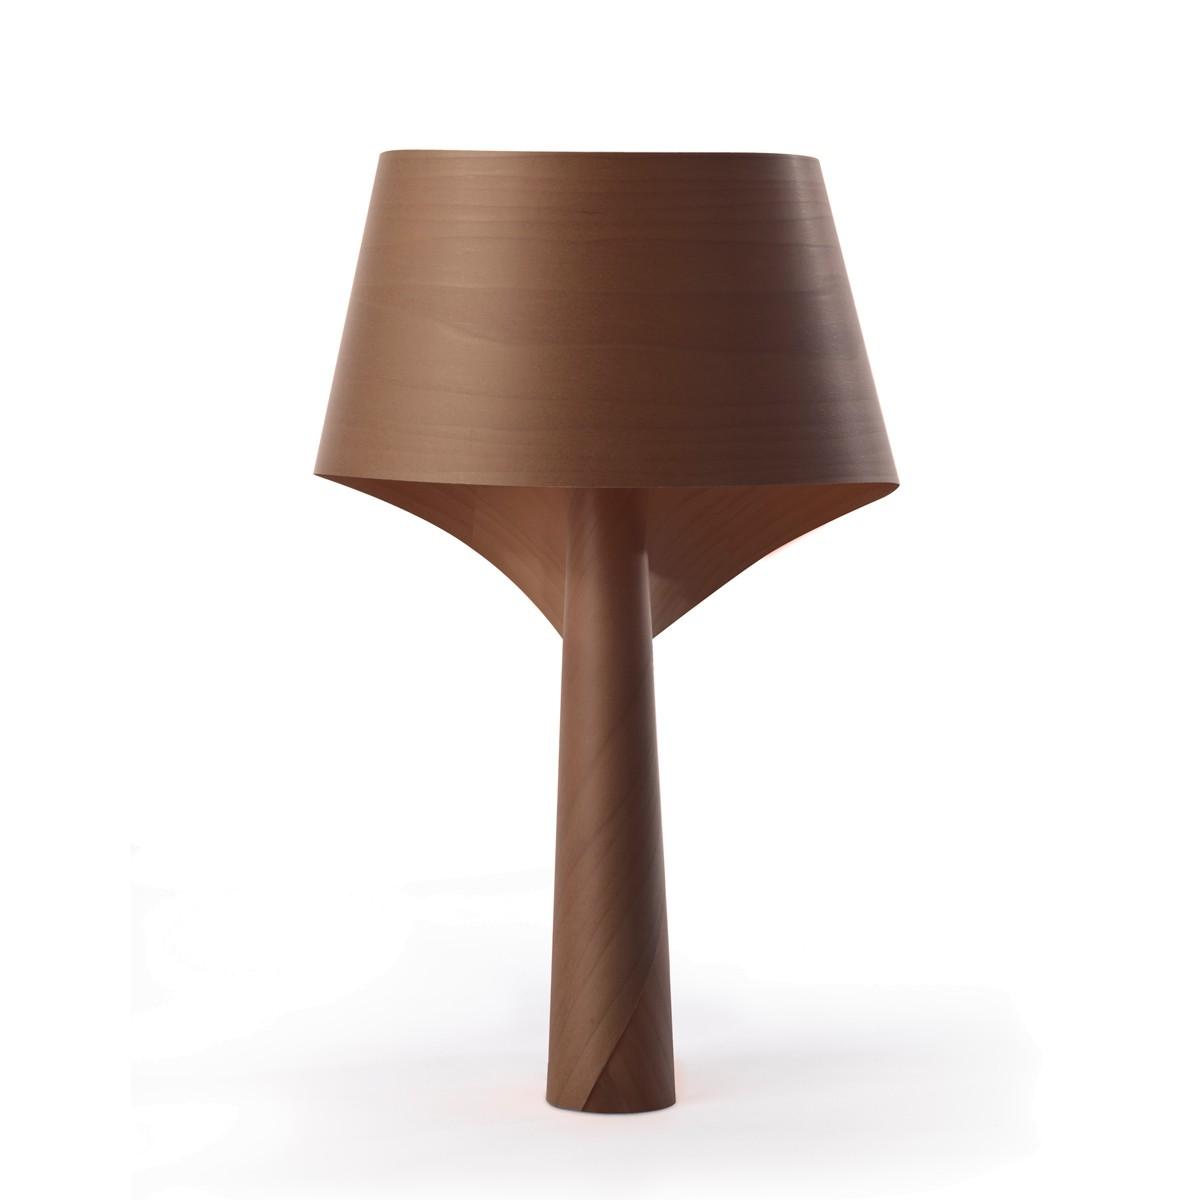 LZF Lamps Air Tischleuchte, schokolade